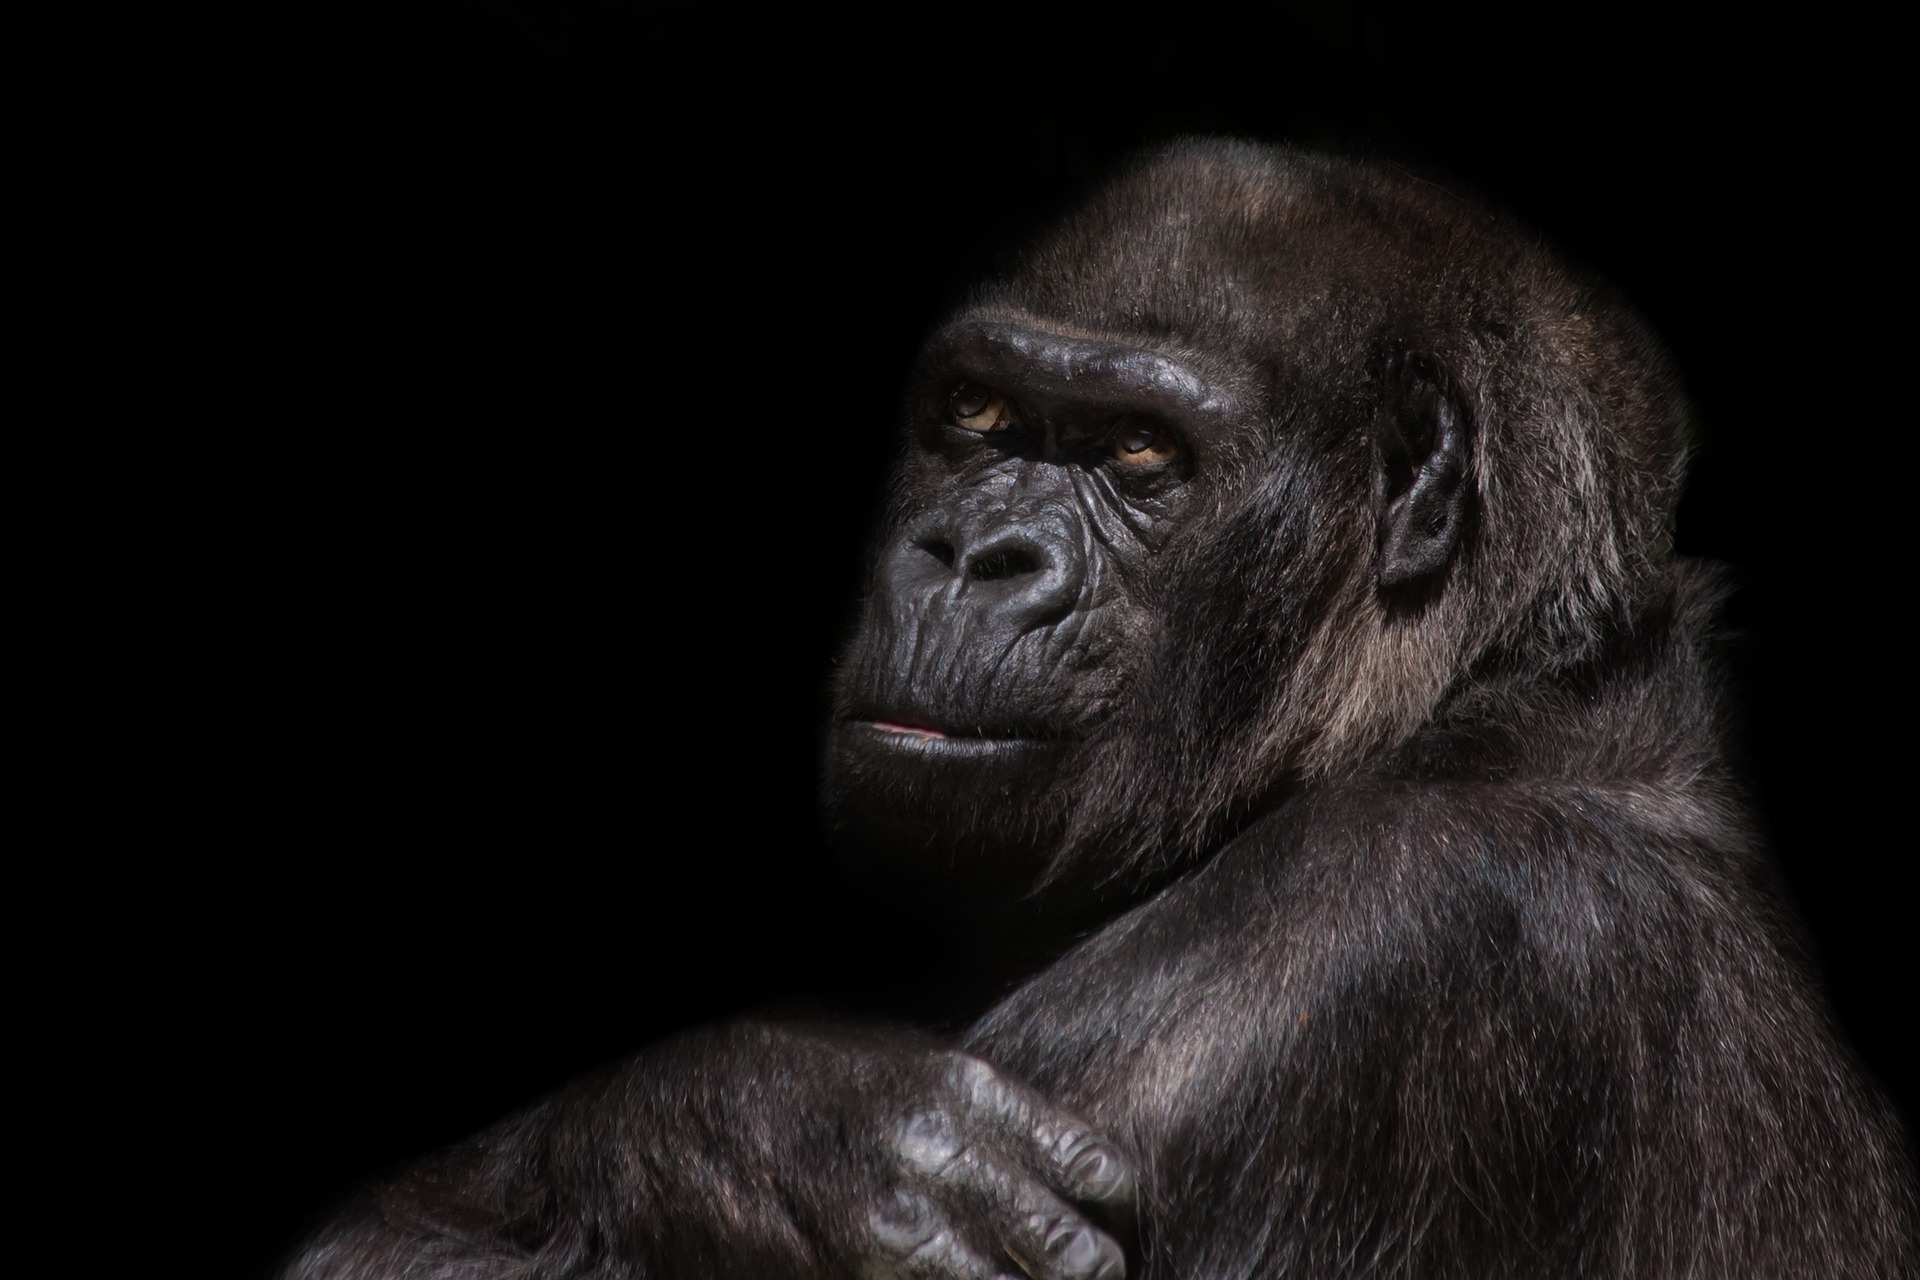 znaky vysokej inteligencie majú aj primáty